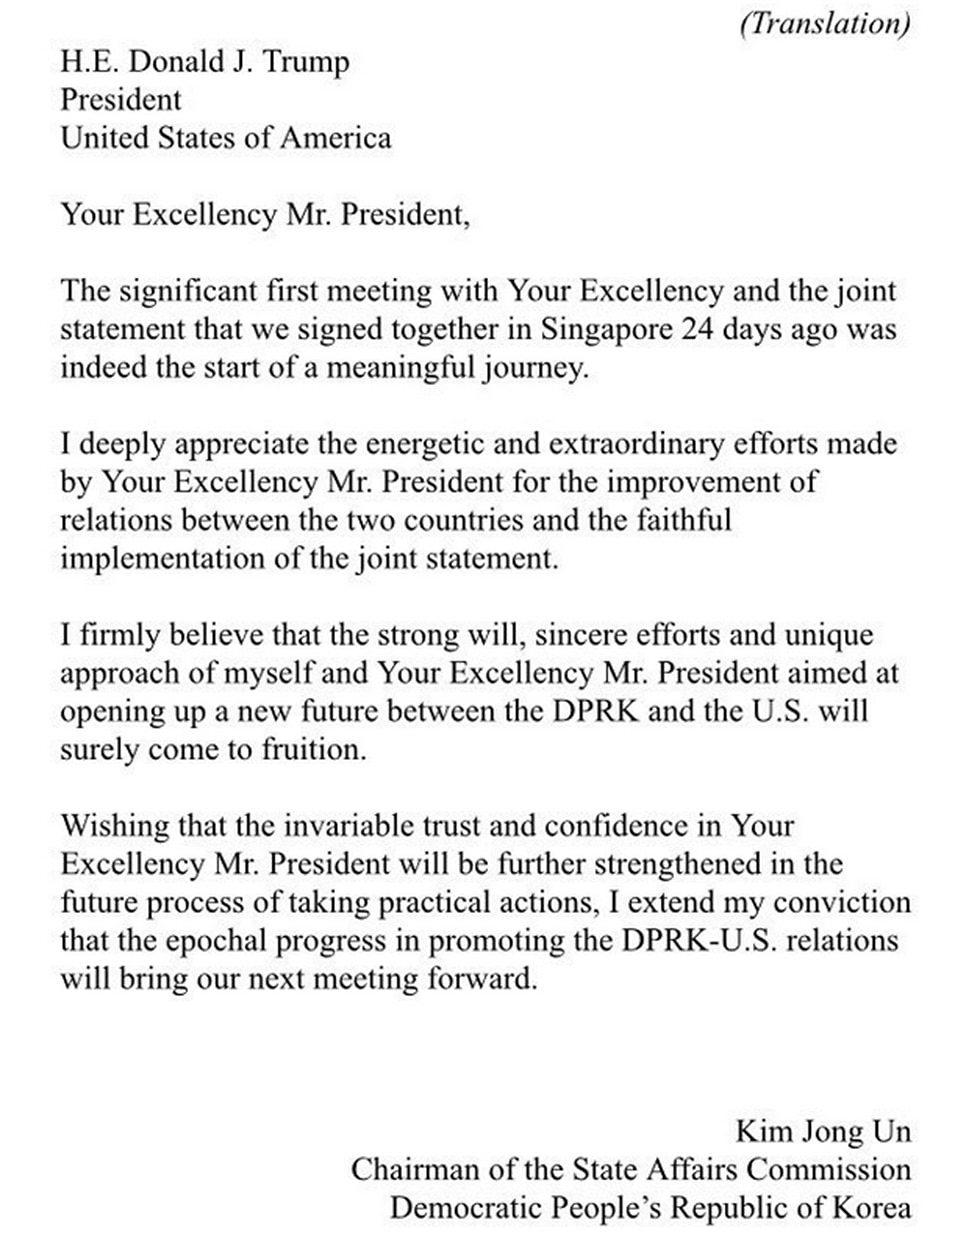 המכתב של קים ג'ונג און ()